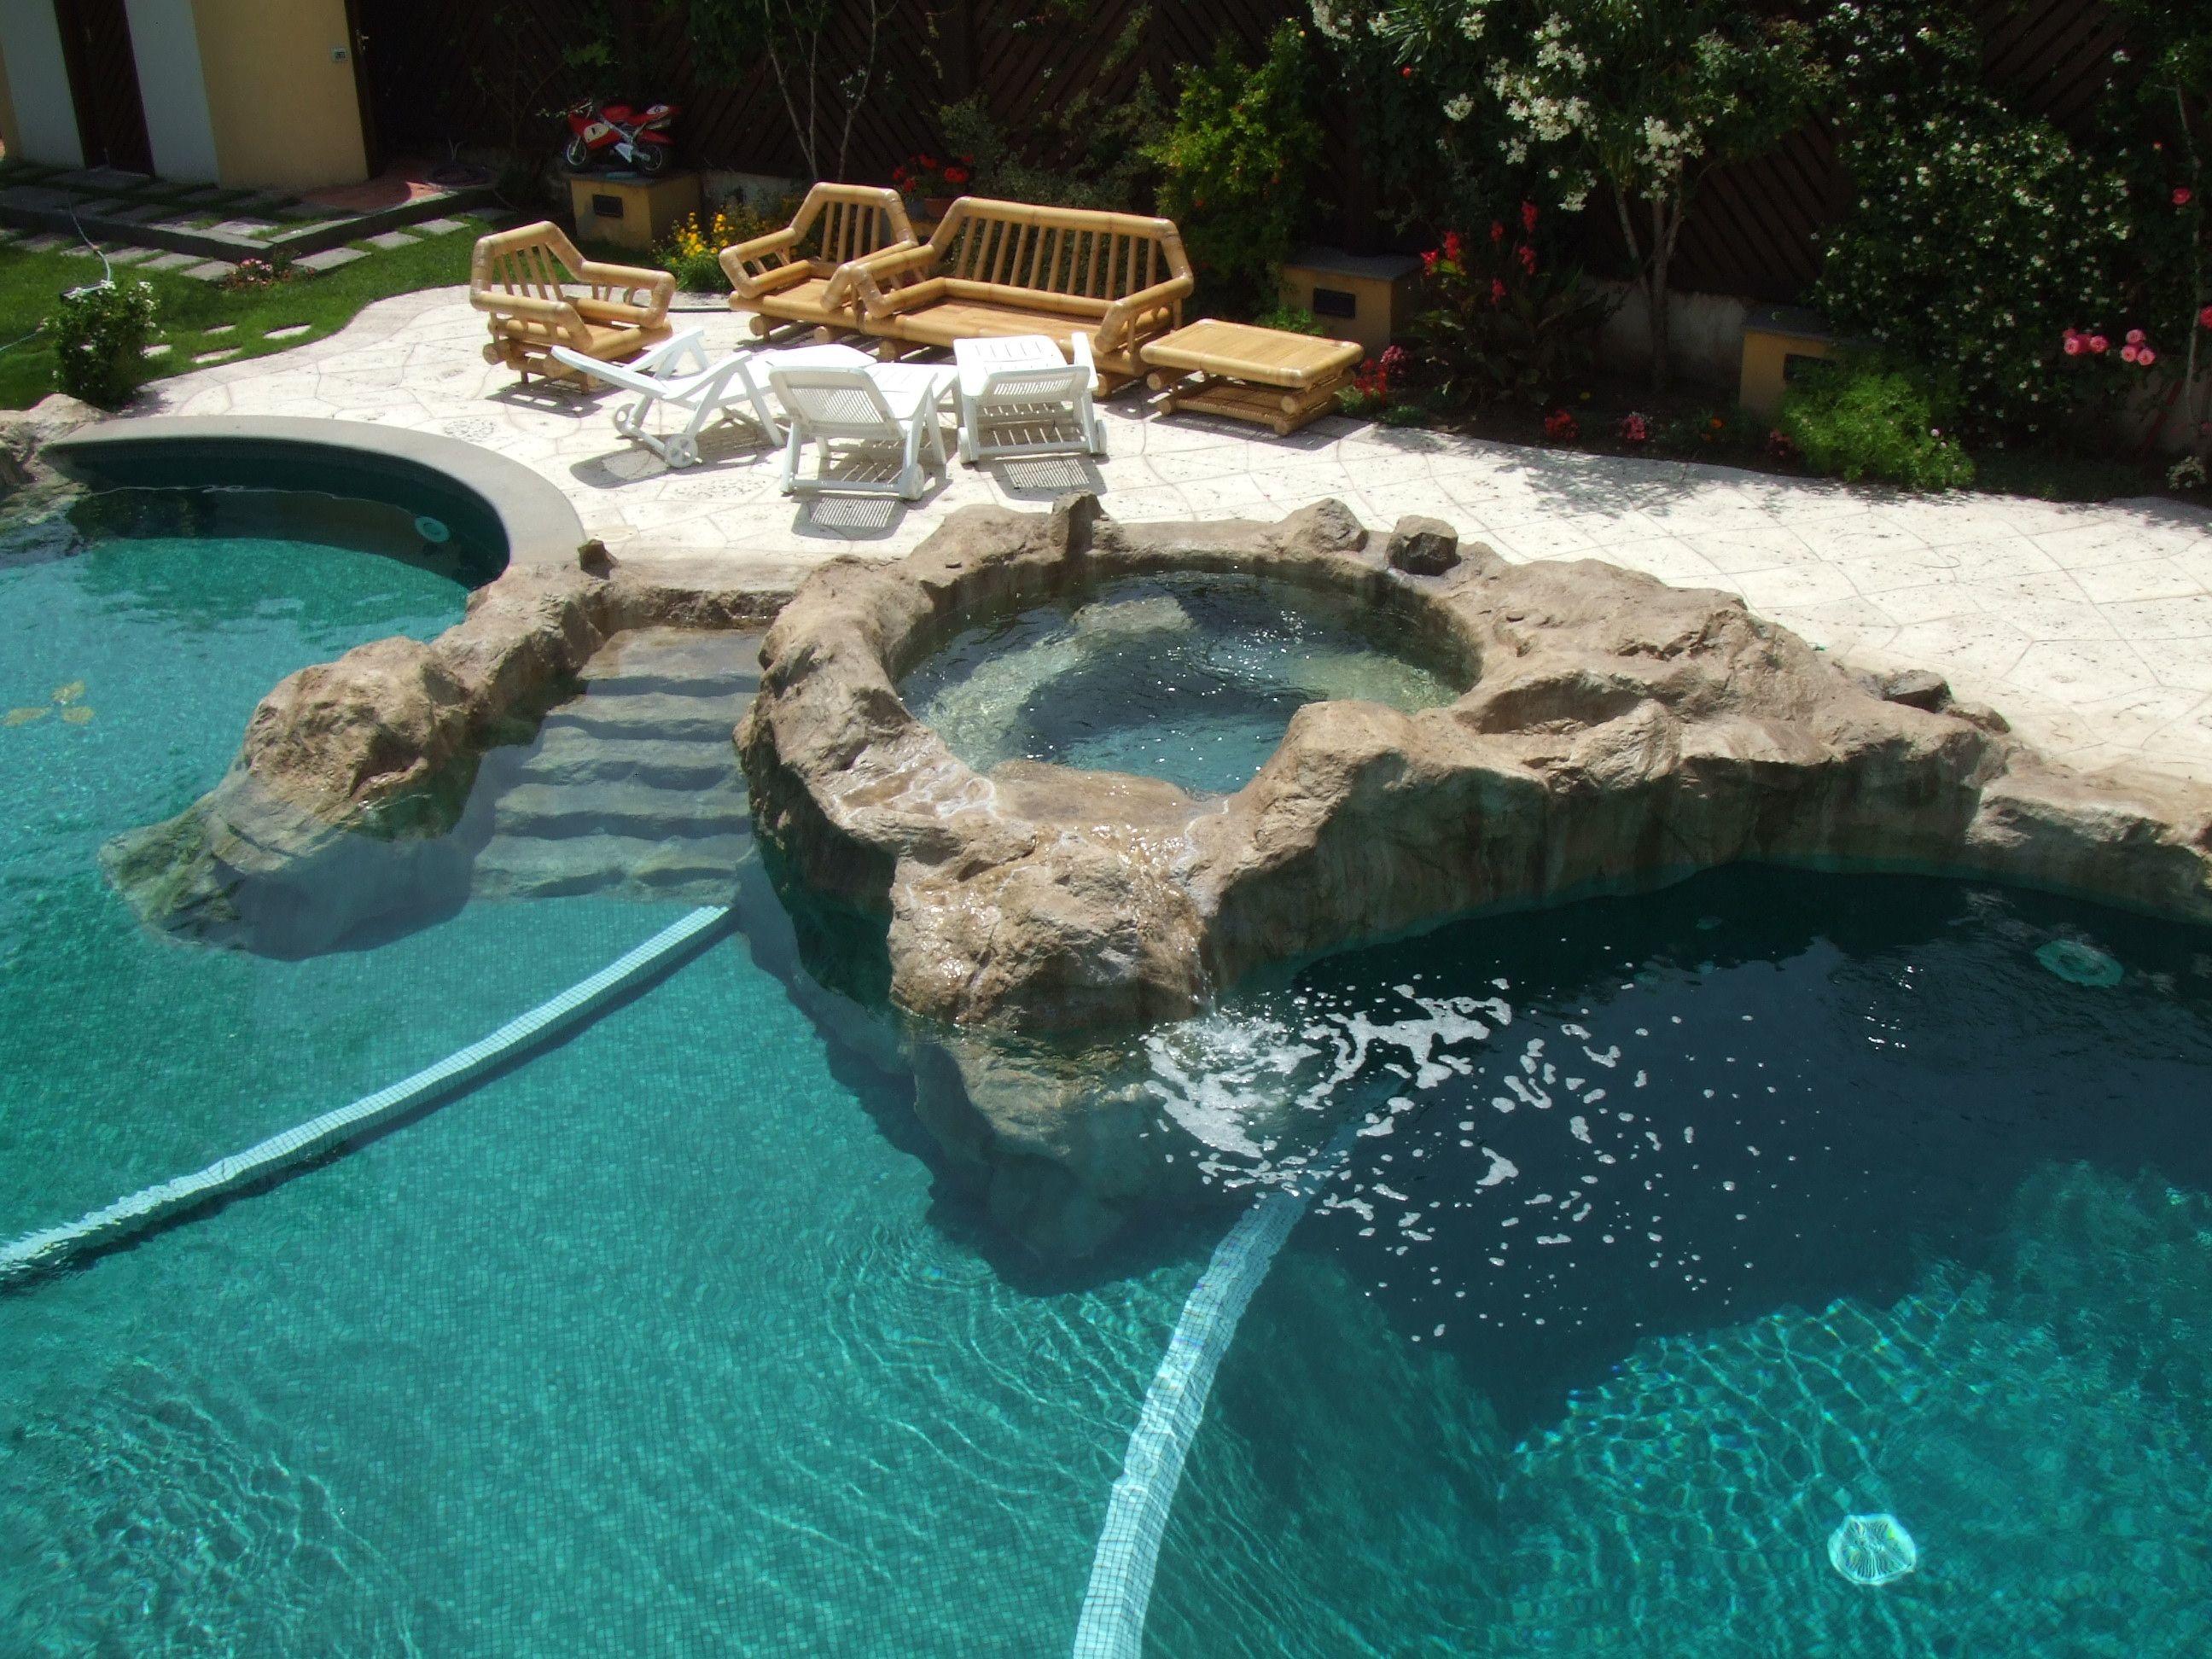 Piscina con jacuzzi piscinas pinterest arquitetura for Jacuzzi piscina exterior